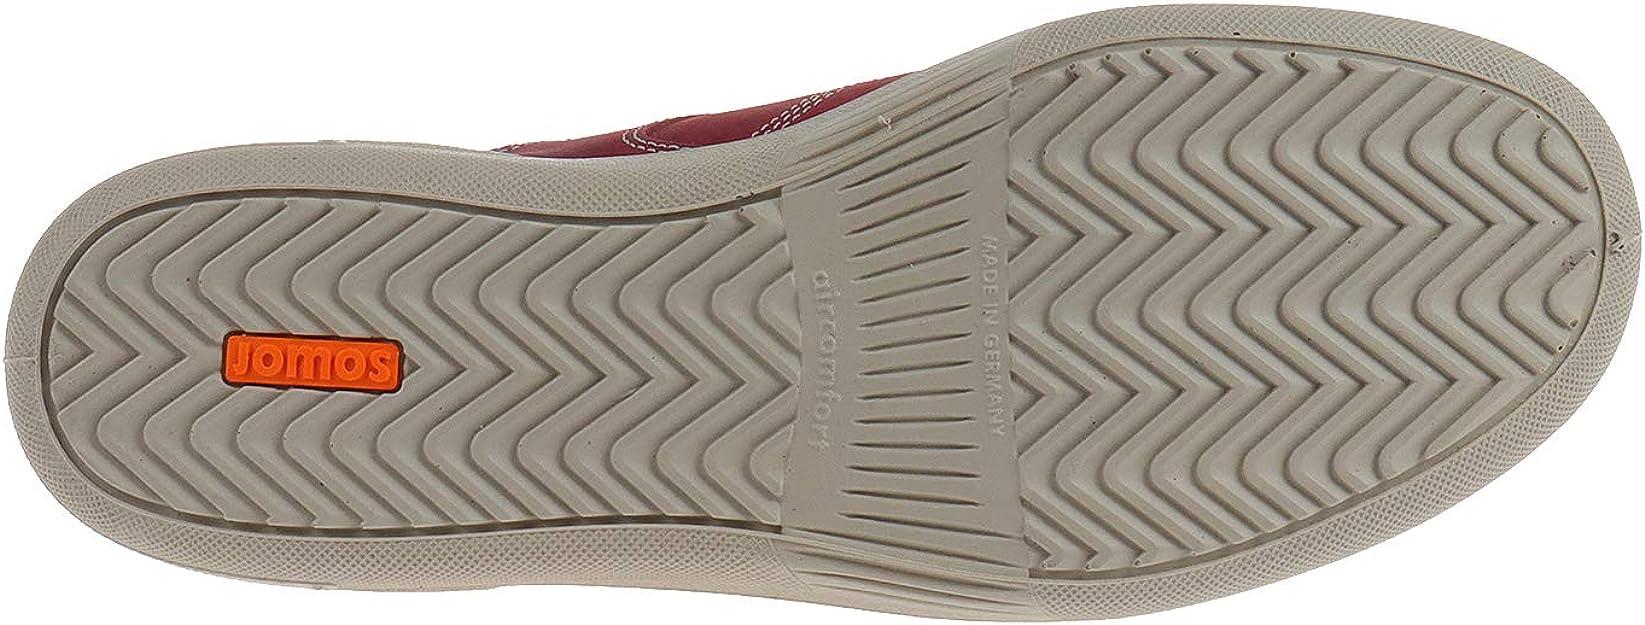 Jomos 417302EA12565 - Zapatillas de Running para Hombre, diseño de Malaga Medoc, Color Rojo, Talla 46 EU: Amazon.es: Zapatos y complementos